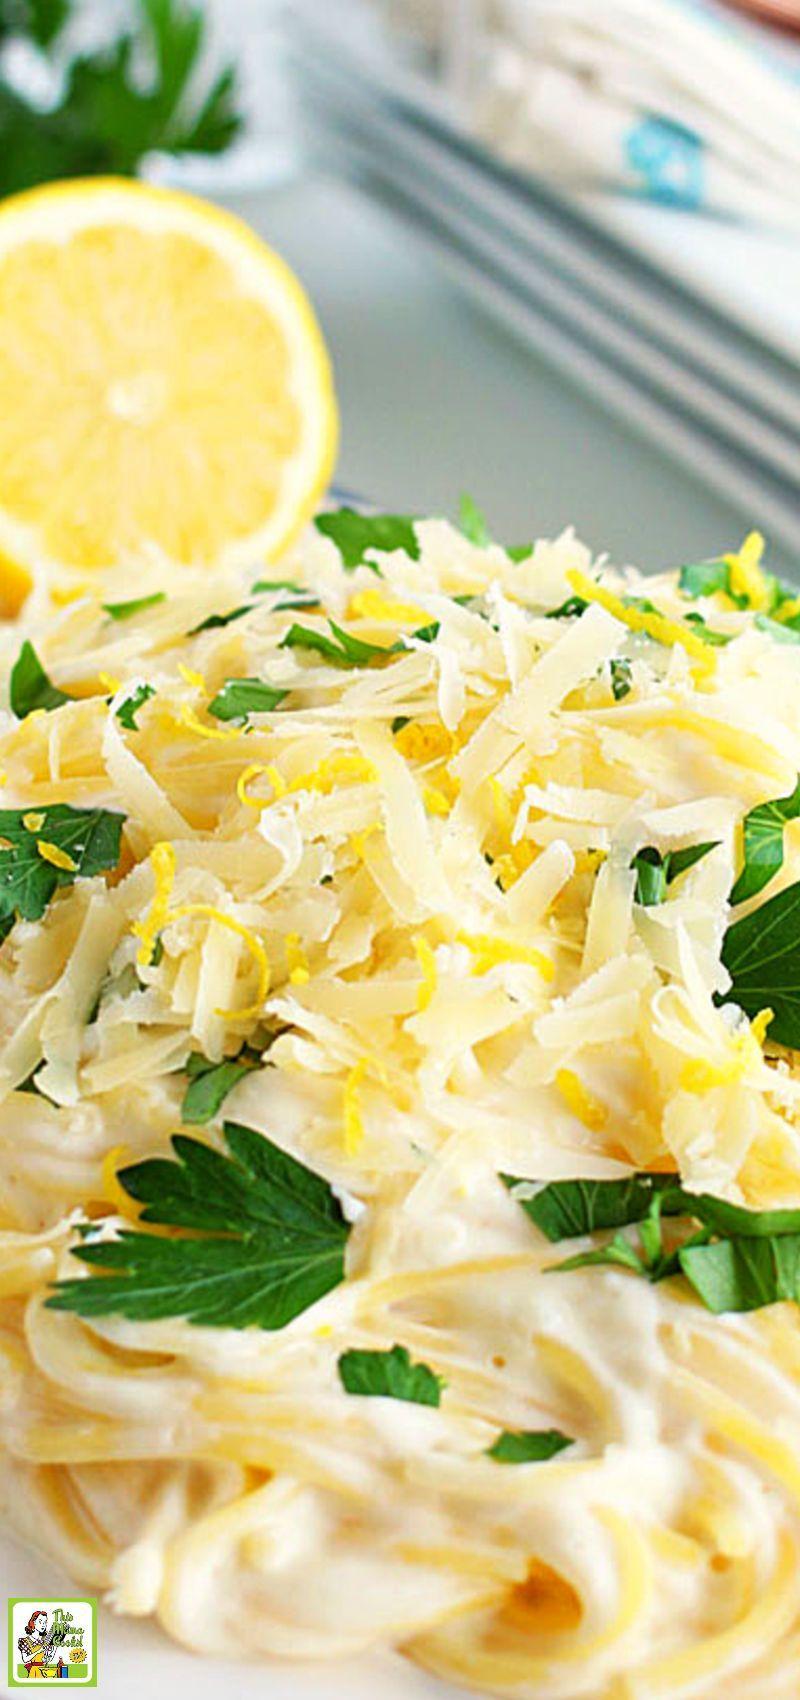 Einfache Dinner-Ideen - Einfache Zitronennudeln -  Auf der Suche nach einfachen Ideen für das Abendessen? Probieren Sie dieses einfache Rezept für Z - #DinnerIdeen #einfache #lemonpastarecipe #Zitronennudeln